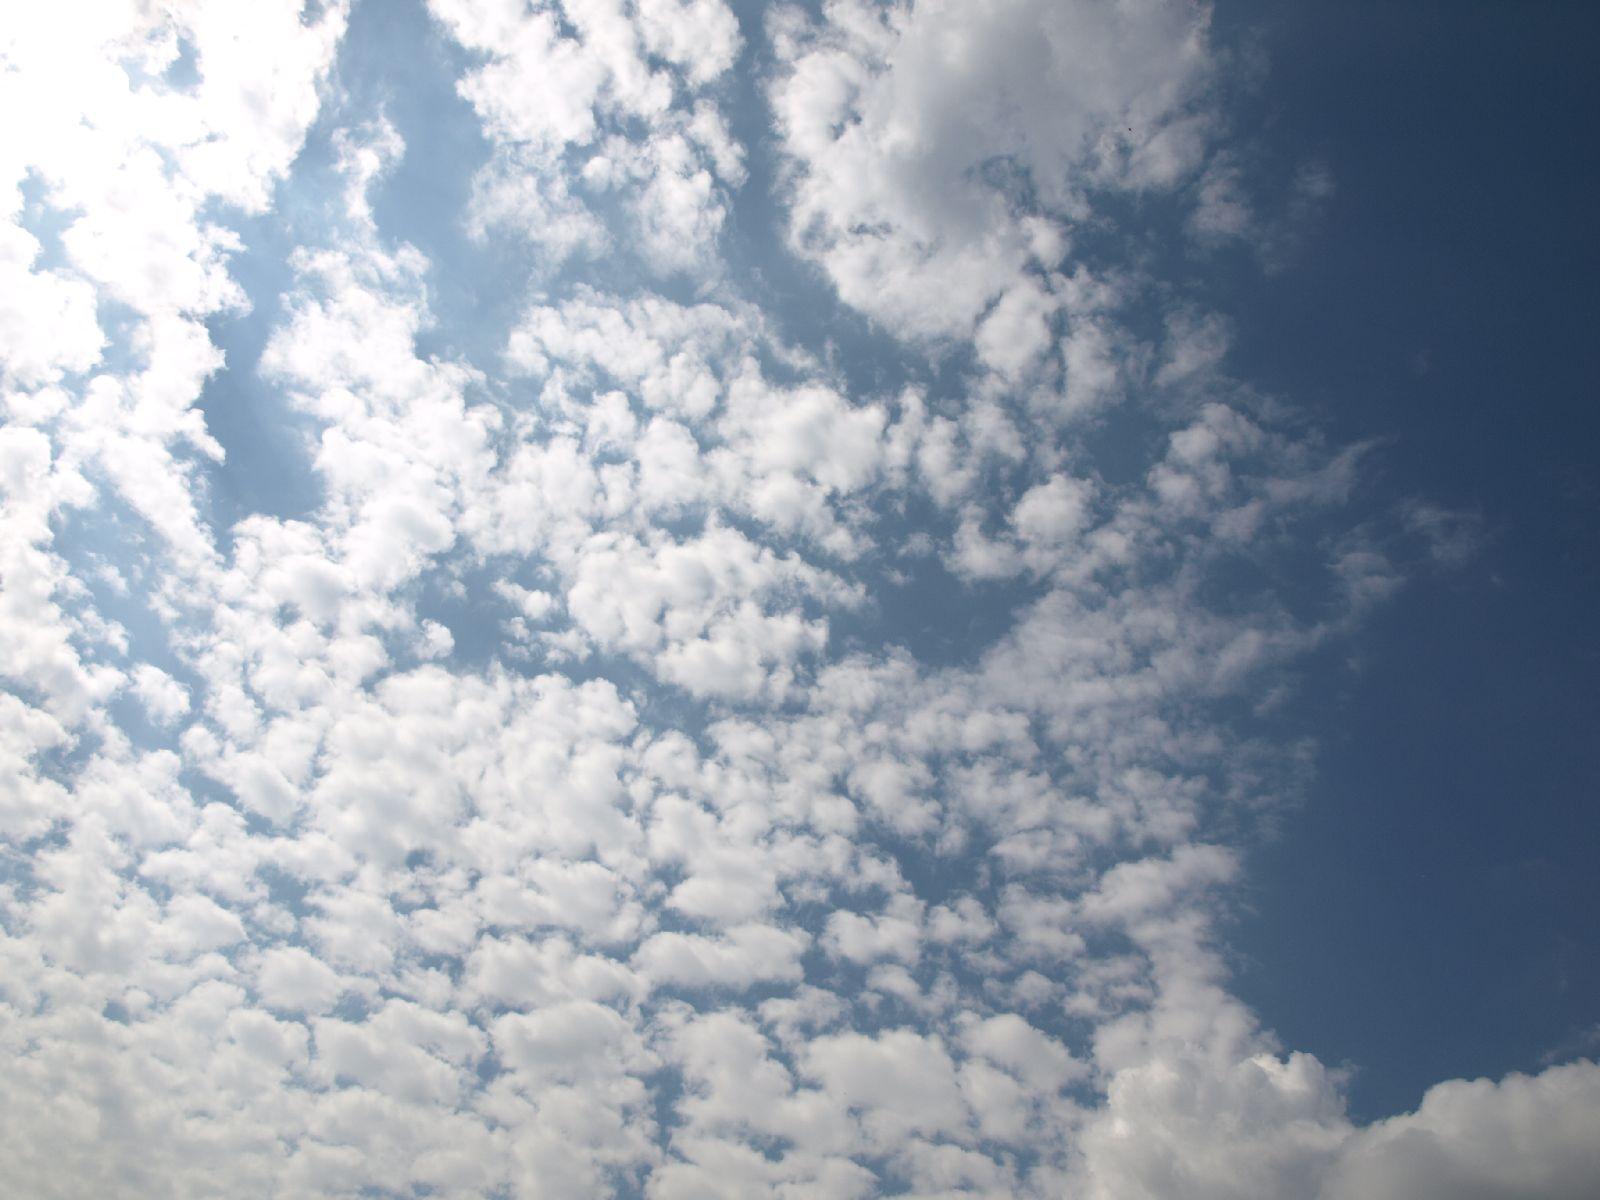 Himmel-Wolken-Foto_Textur_A_P4231688